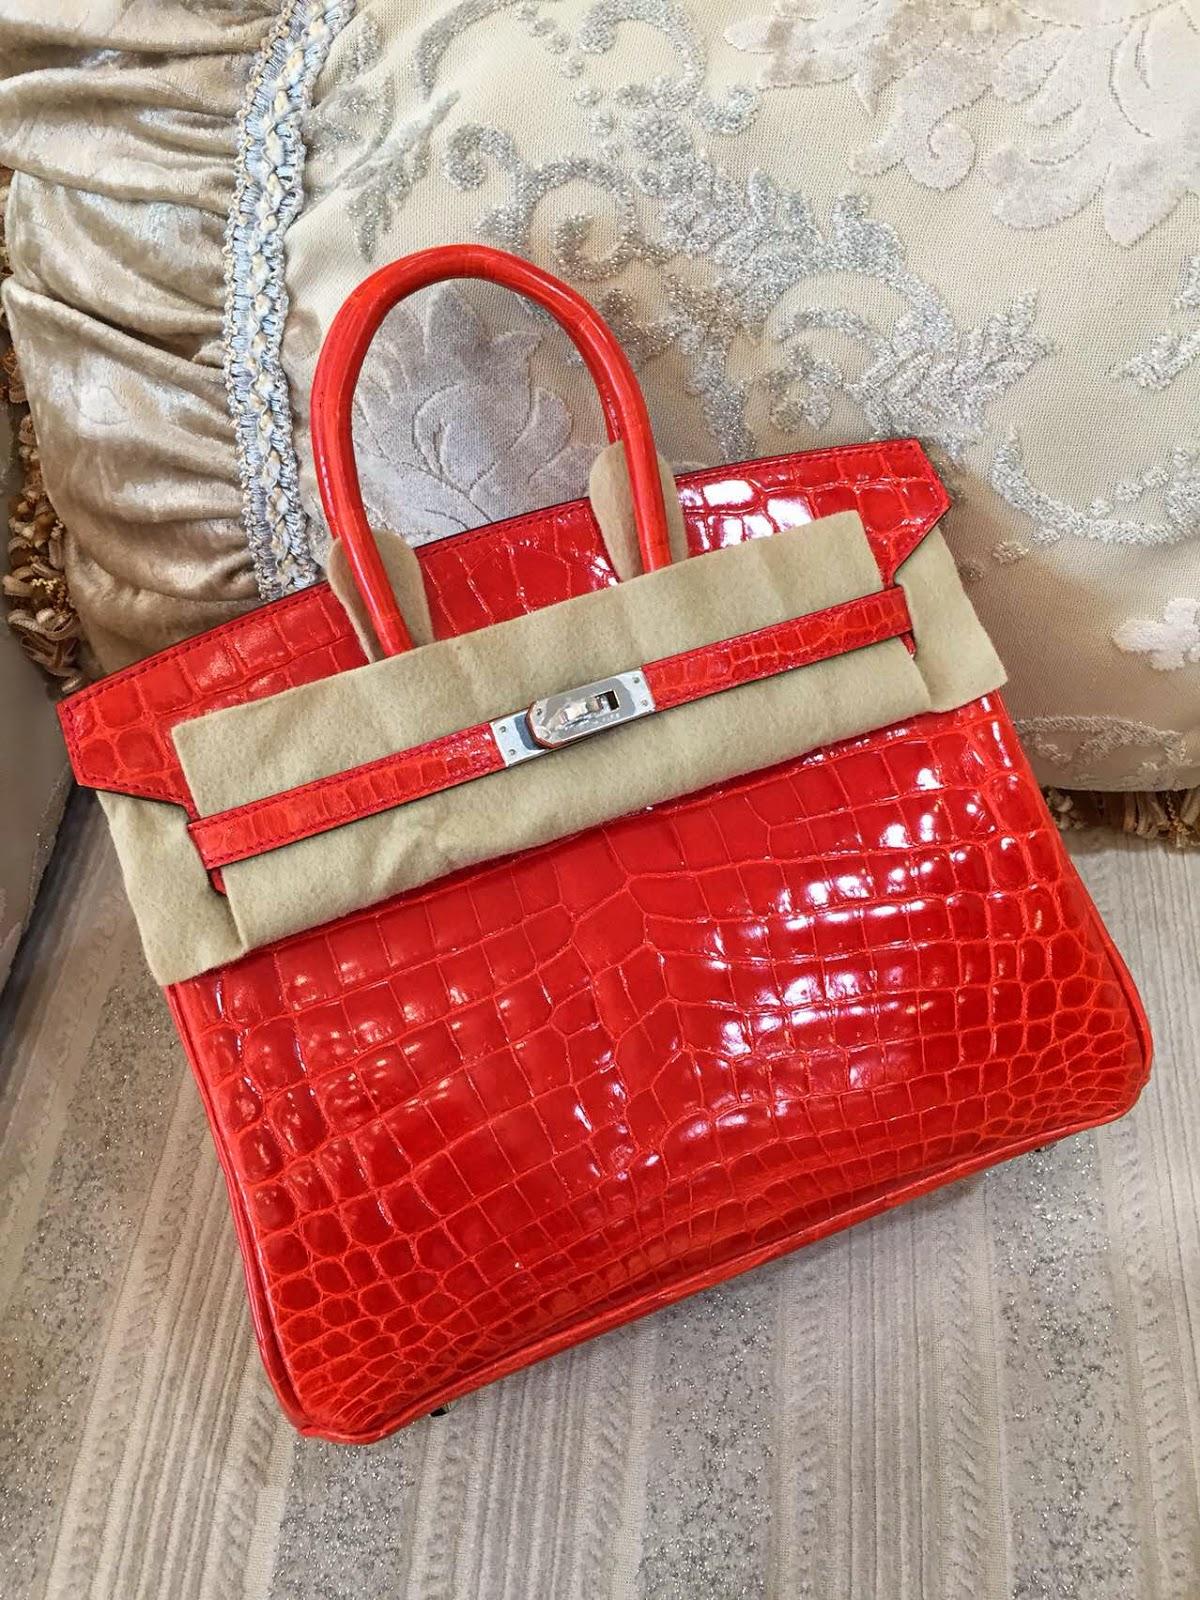 birkin bag cost how much - hermes birkin bag 25cm black matte alligator palladium hardware ...